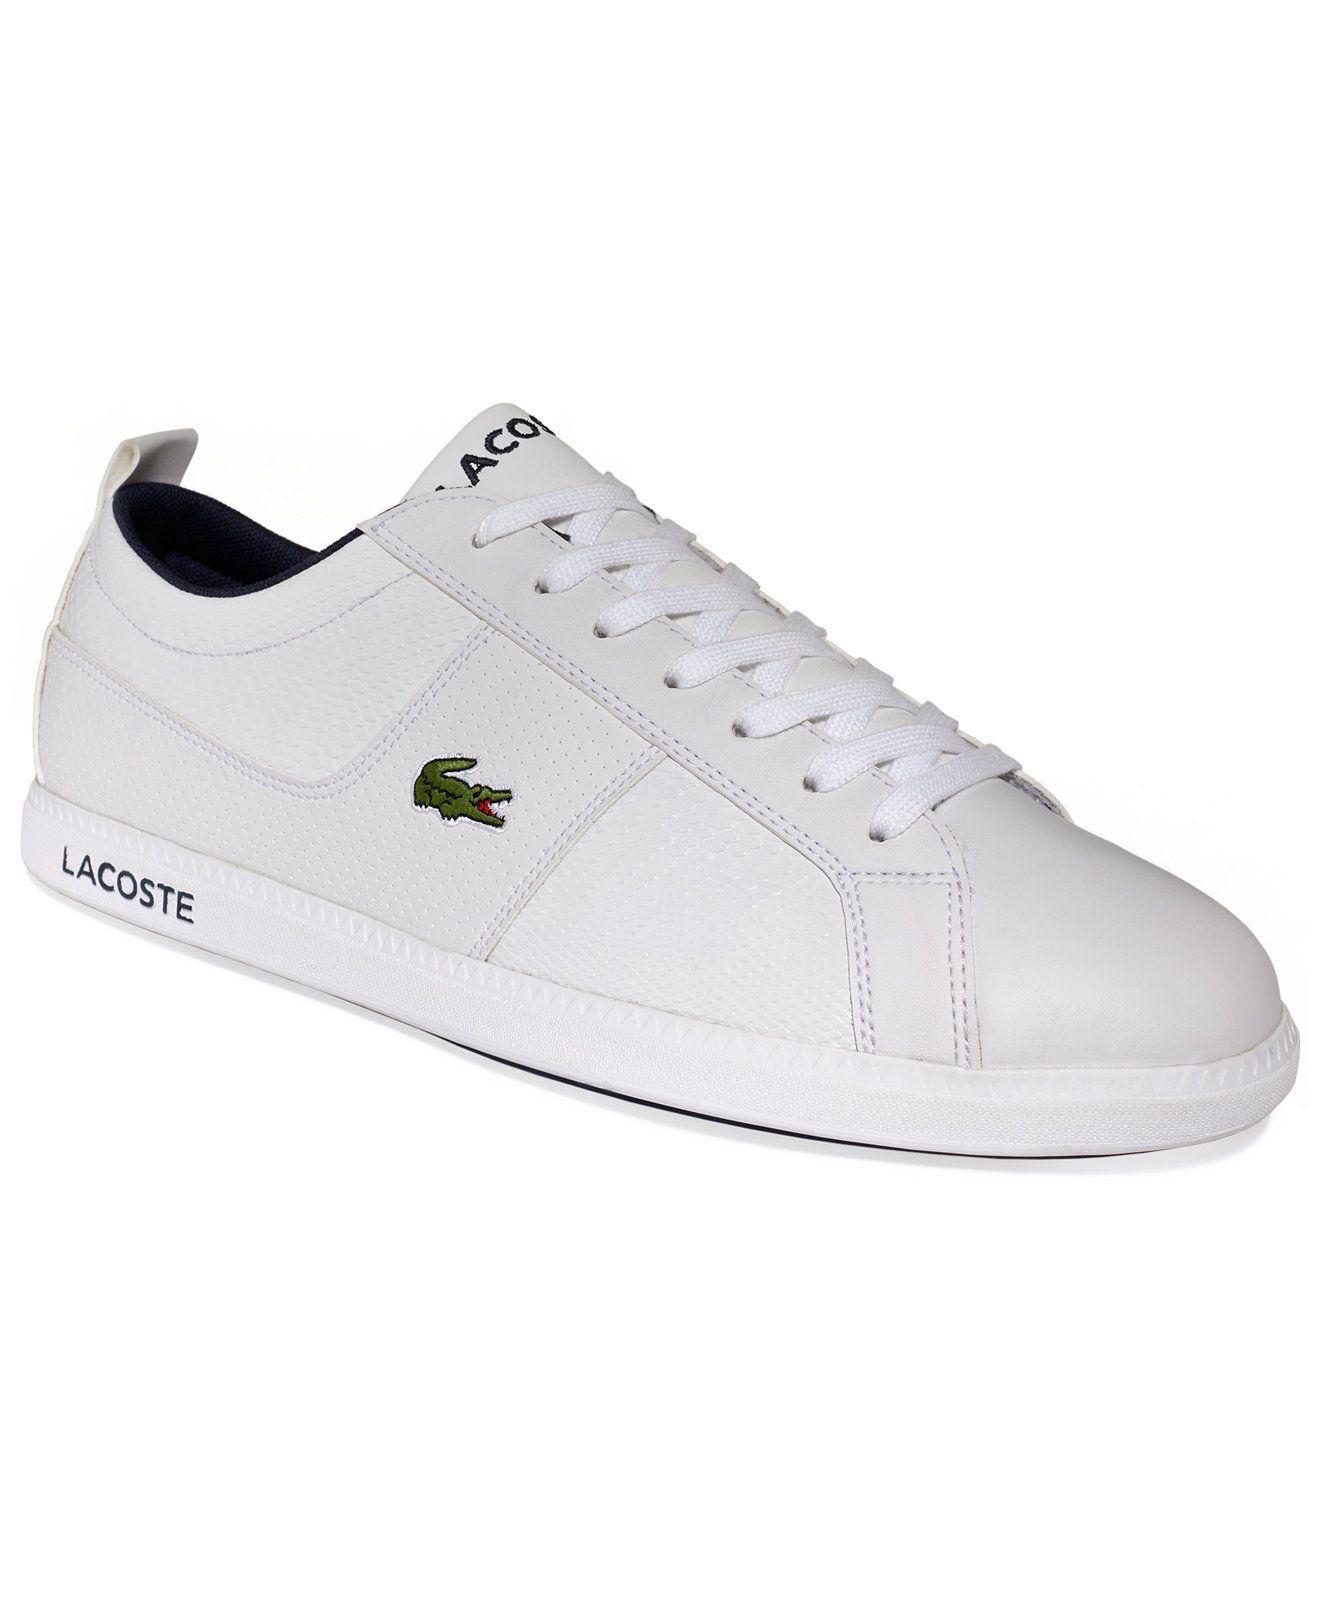 Sneakers, Shoes, Lacoste men